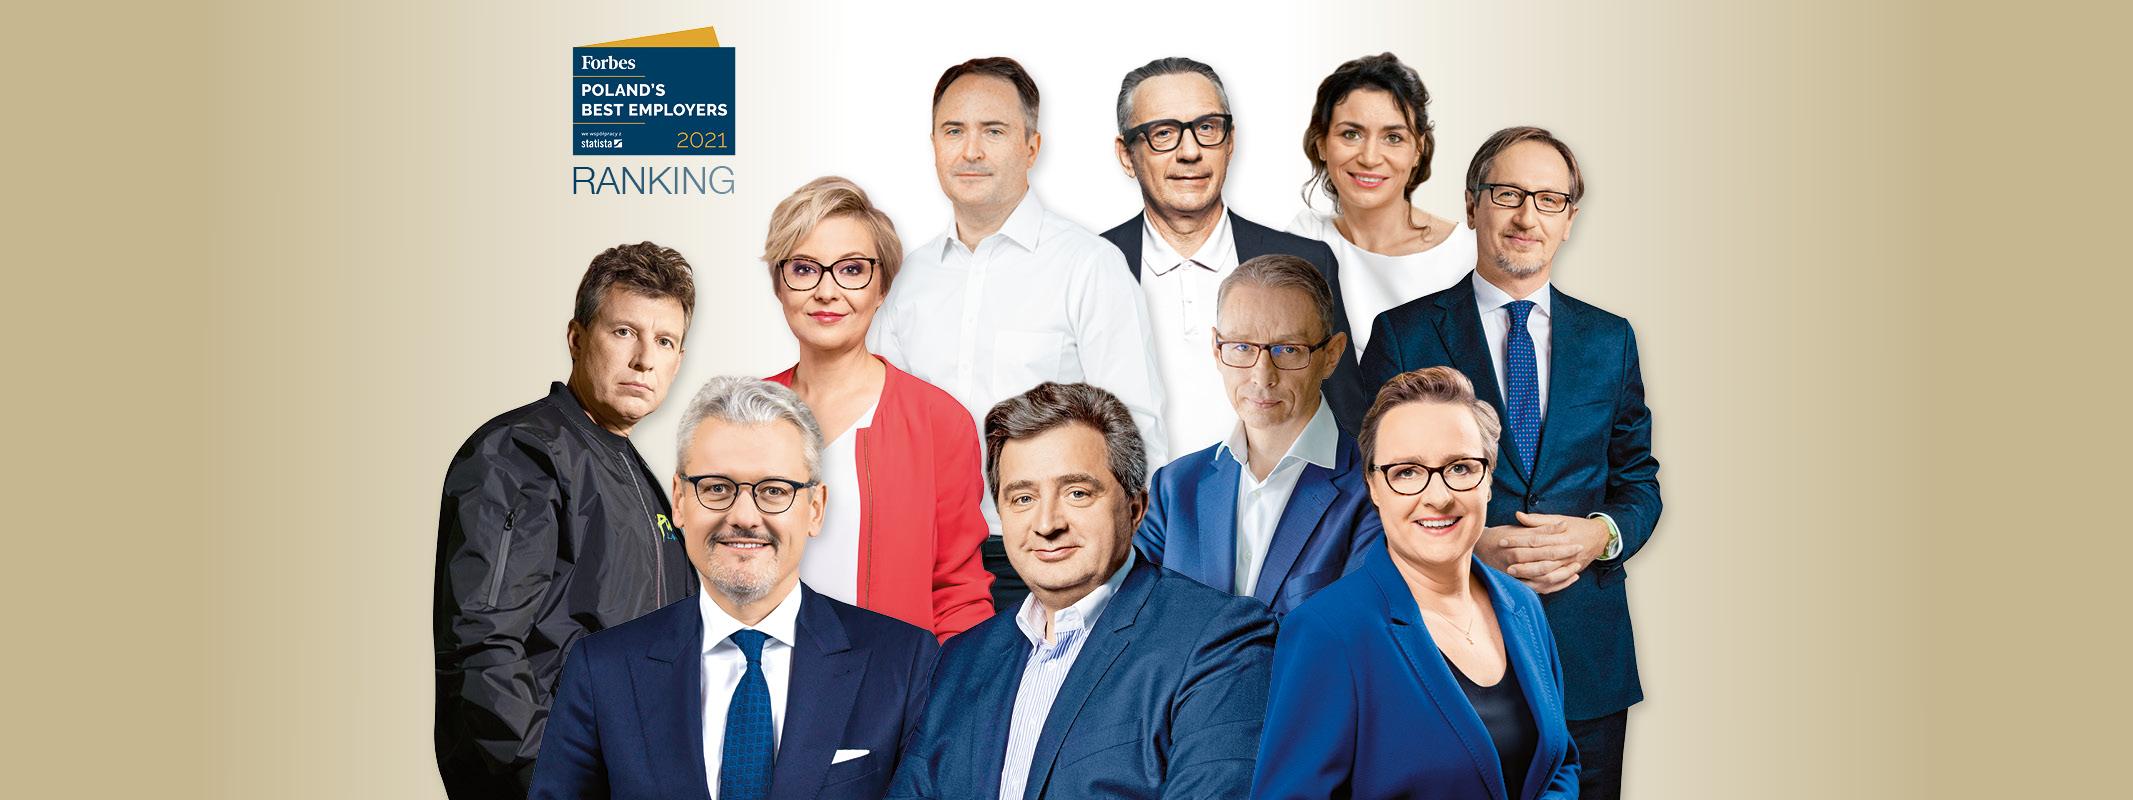 Najlepsi pracodawcy w Polsce 2021. Ranking magazynu Forbes - Rankingi - Forbes.pl